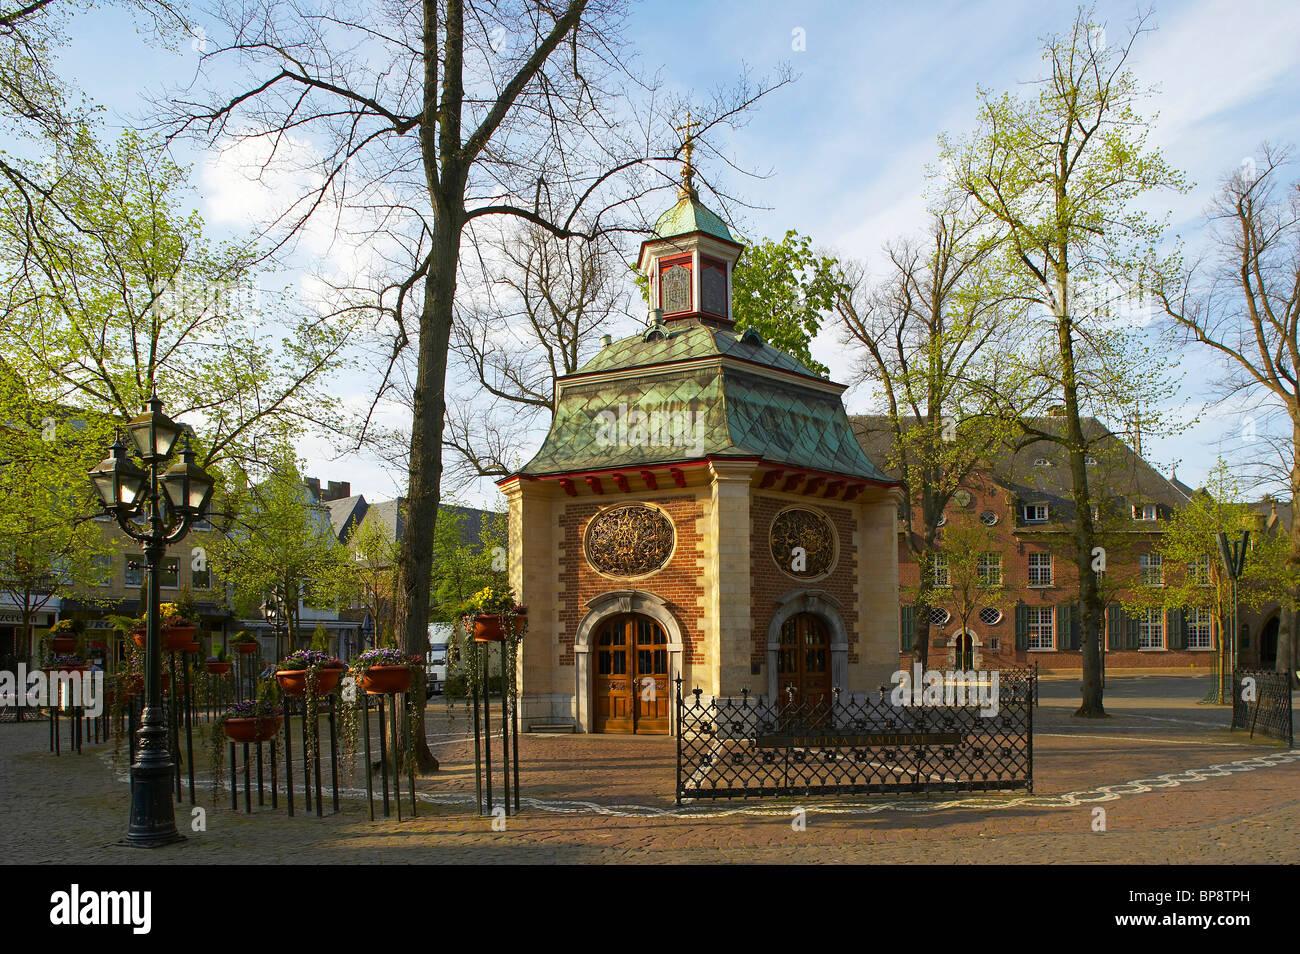 Gnadenkapelle Kevelaer, spring, Niederrhein, North Rhine-Westphalia, Germany, Europe - Stock Image